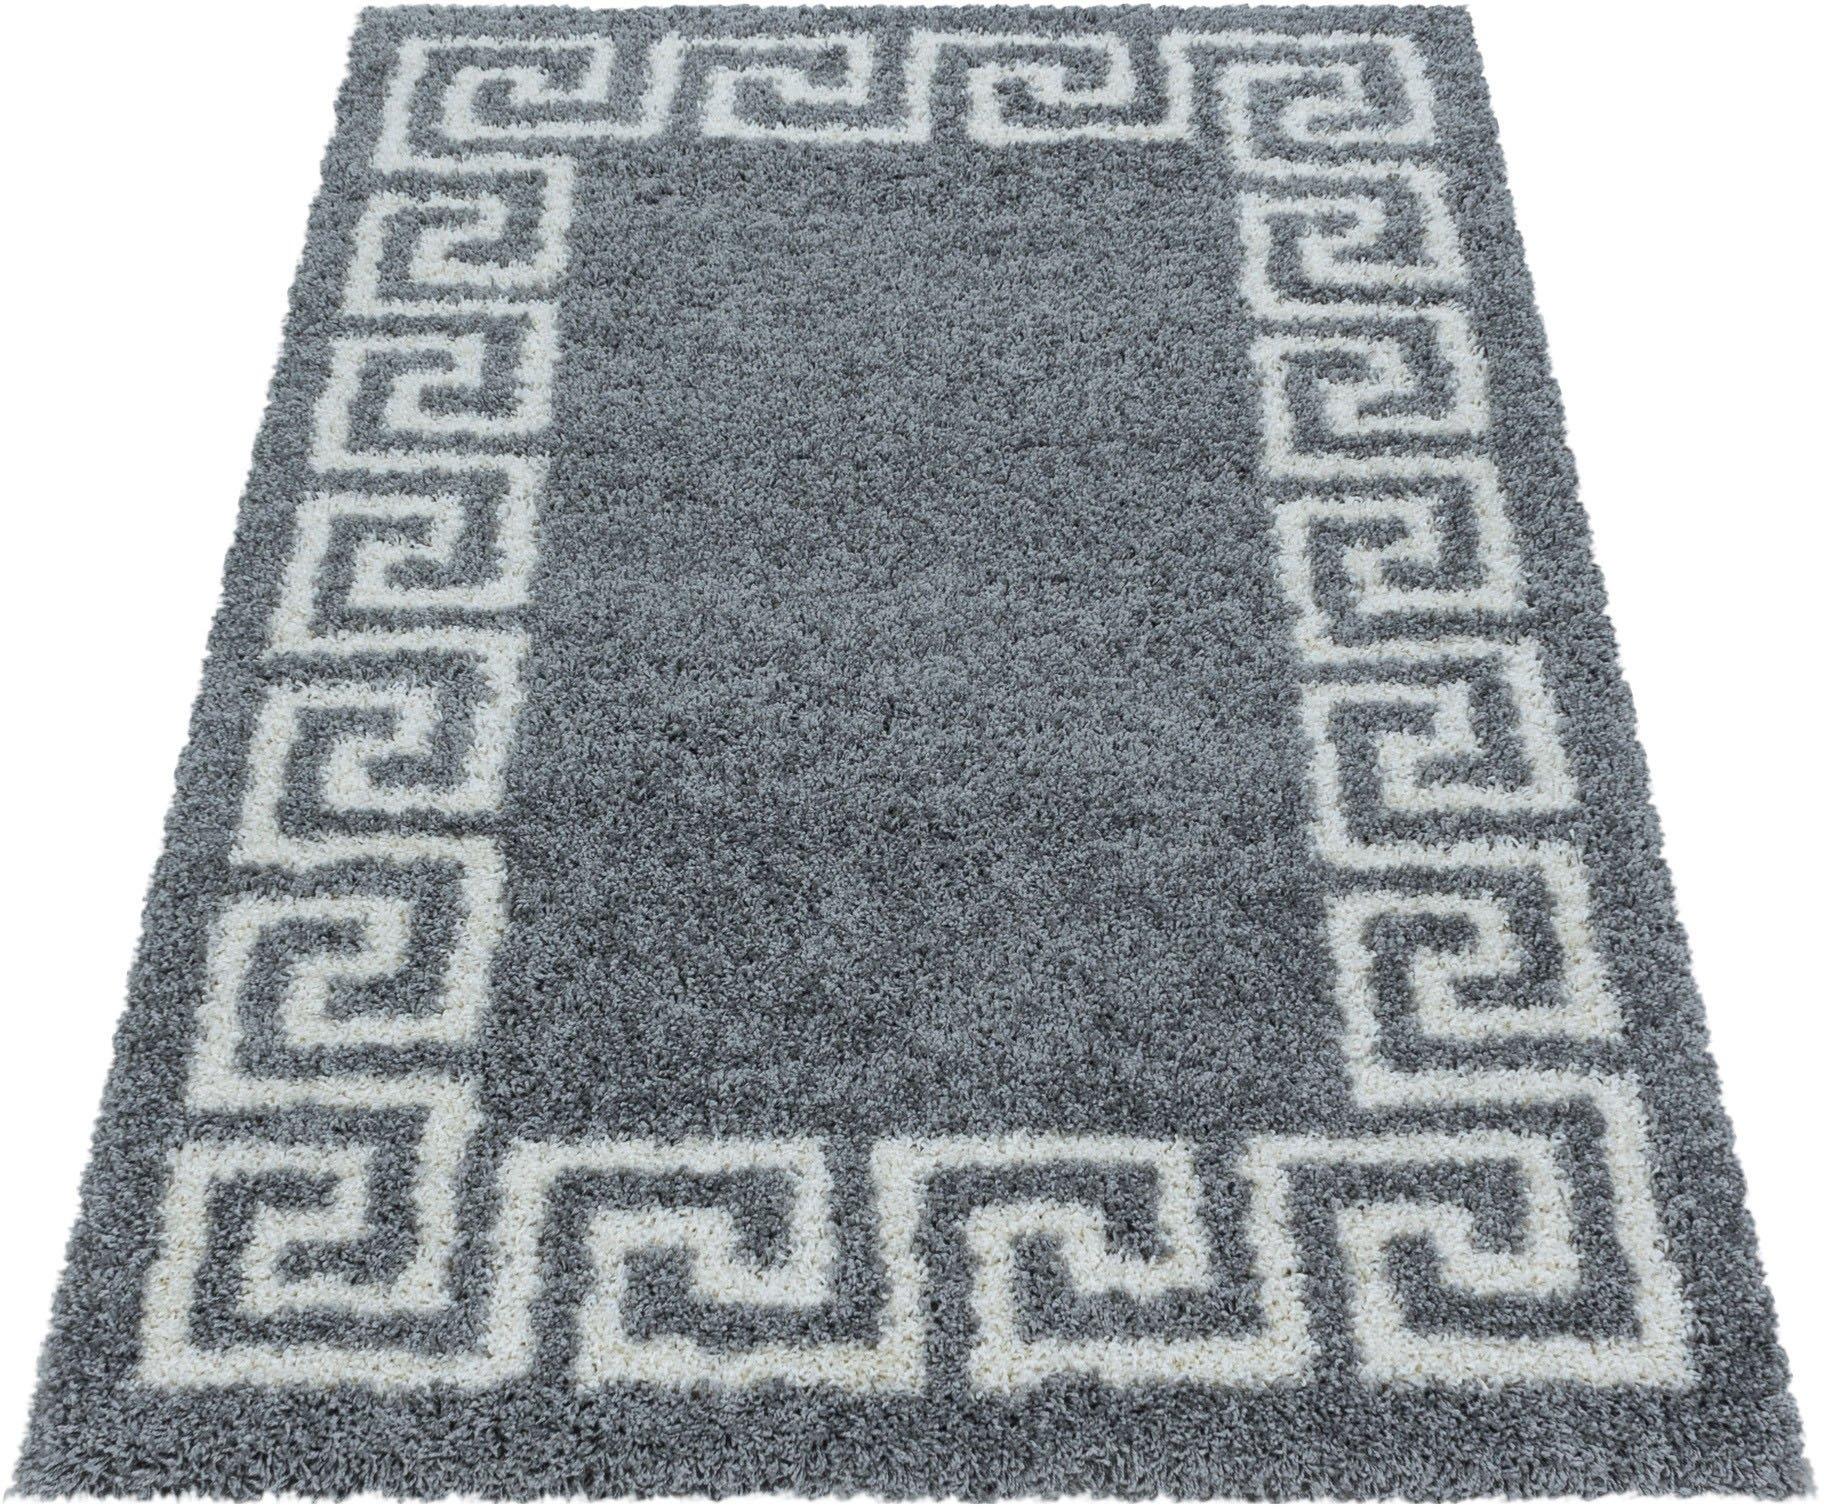 Ayyildiz Teppiche Hoogpolig vloerkleed HERA 3301 Woonkamer voordelig en veilig online kopen